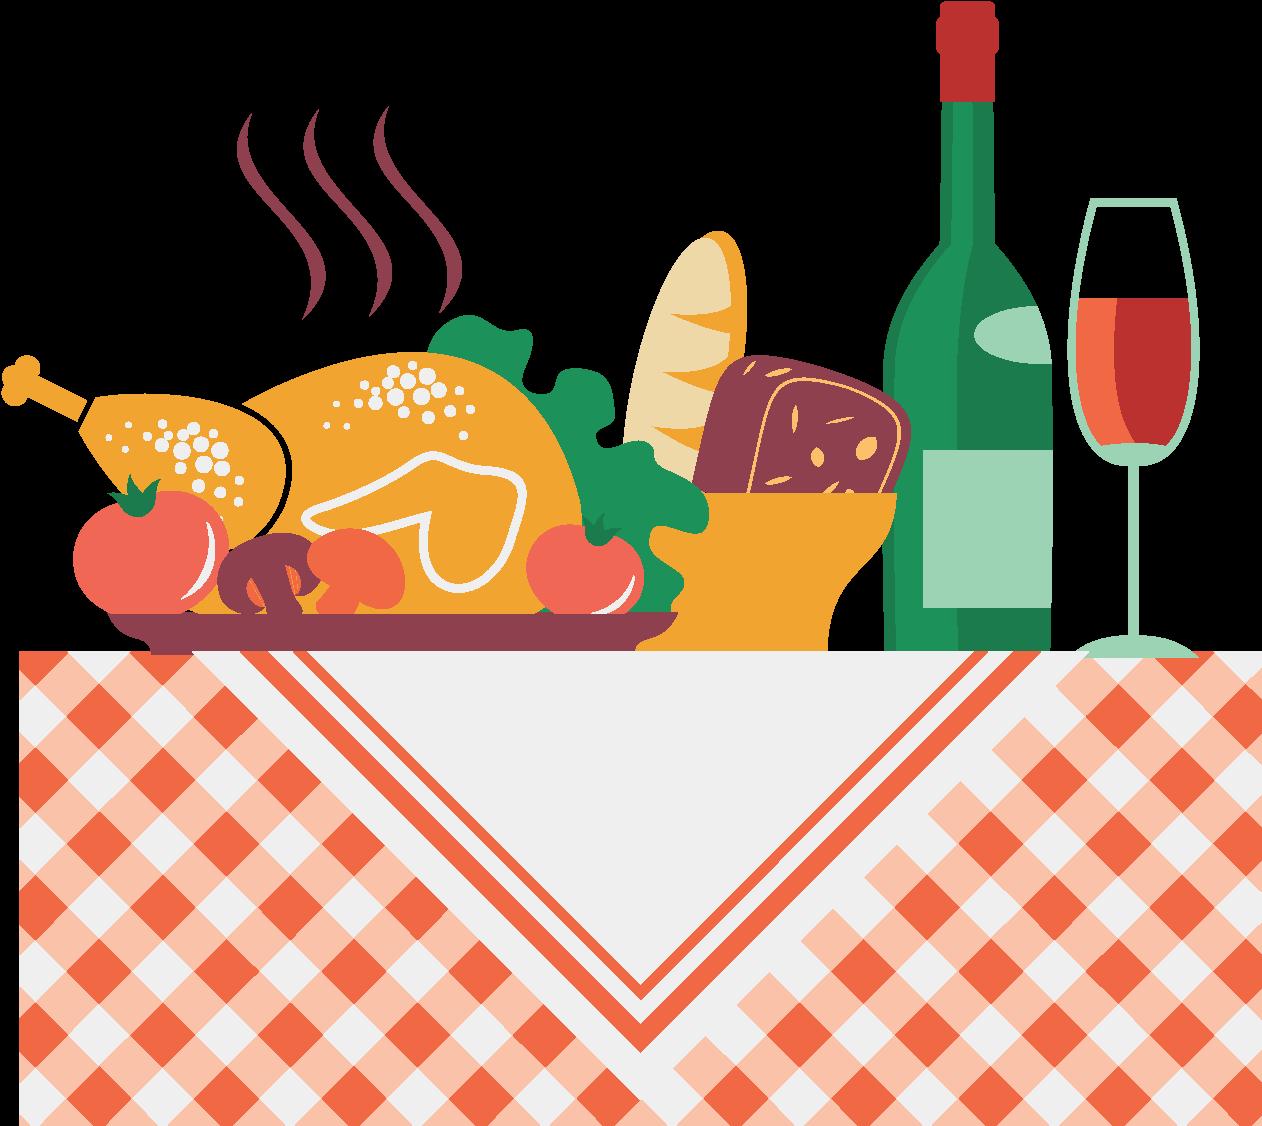 Elements Gastronomiques De Repas De Bureau De Dessin Recipe Planner And Journal Clipart Full Size Clipart 1384354 Pinclipart